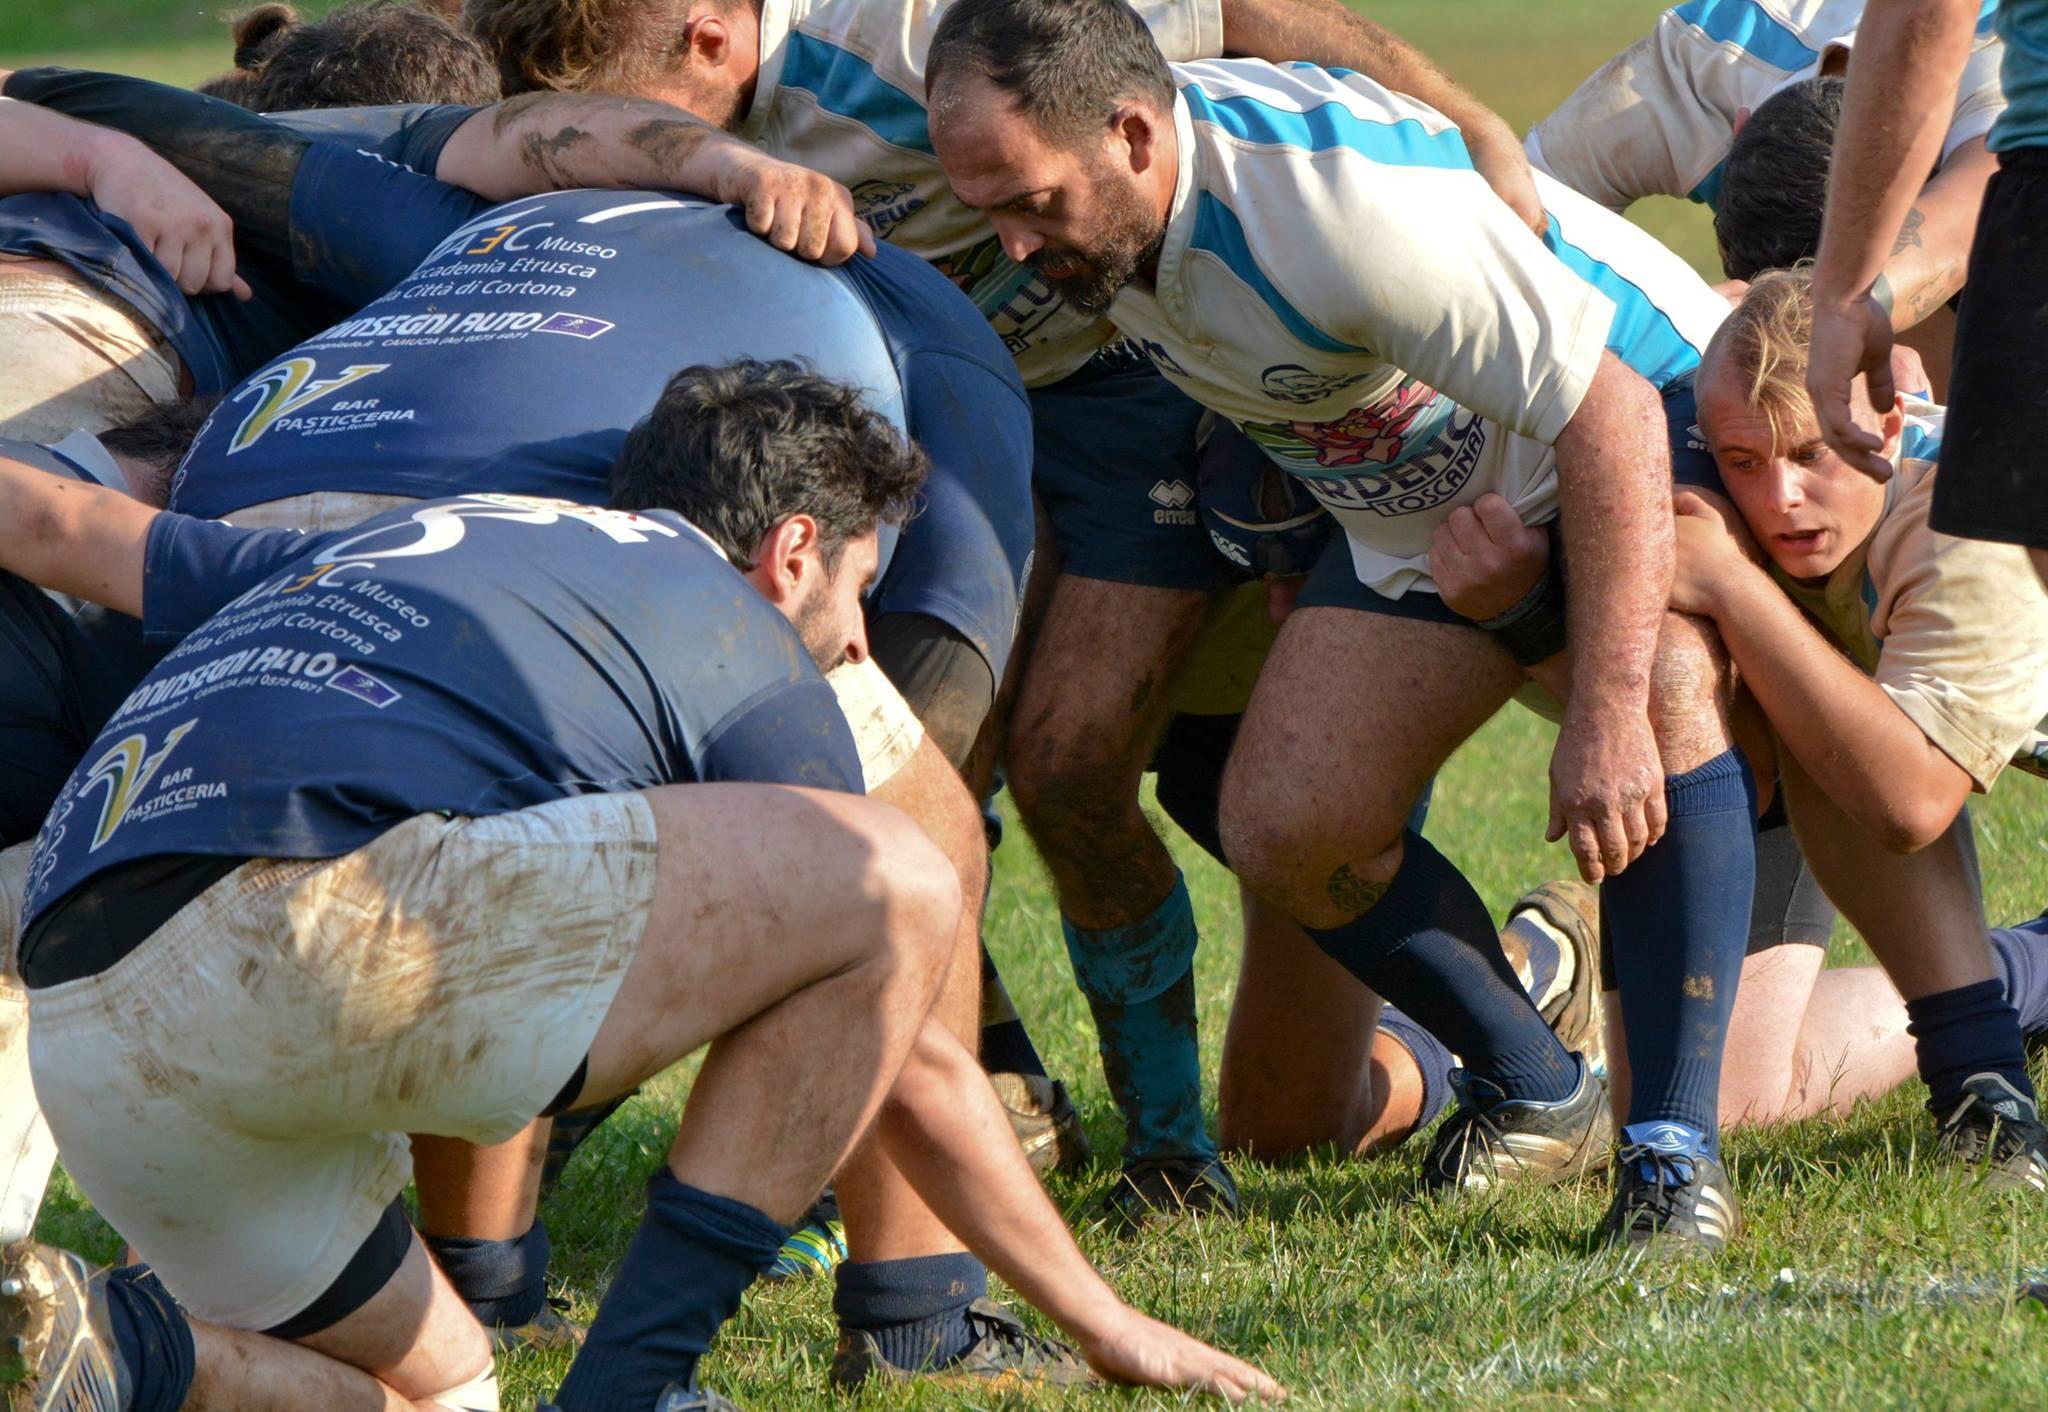 Un nuovo campo da rugby a Cortona nel 2017?